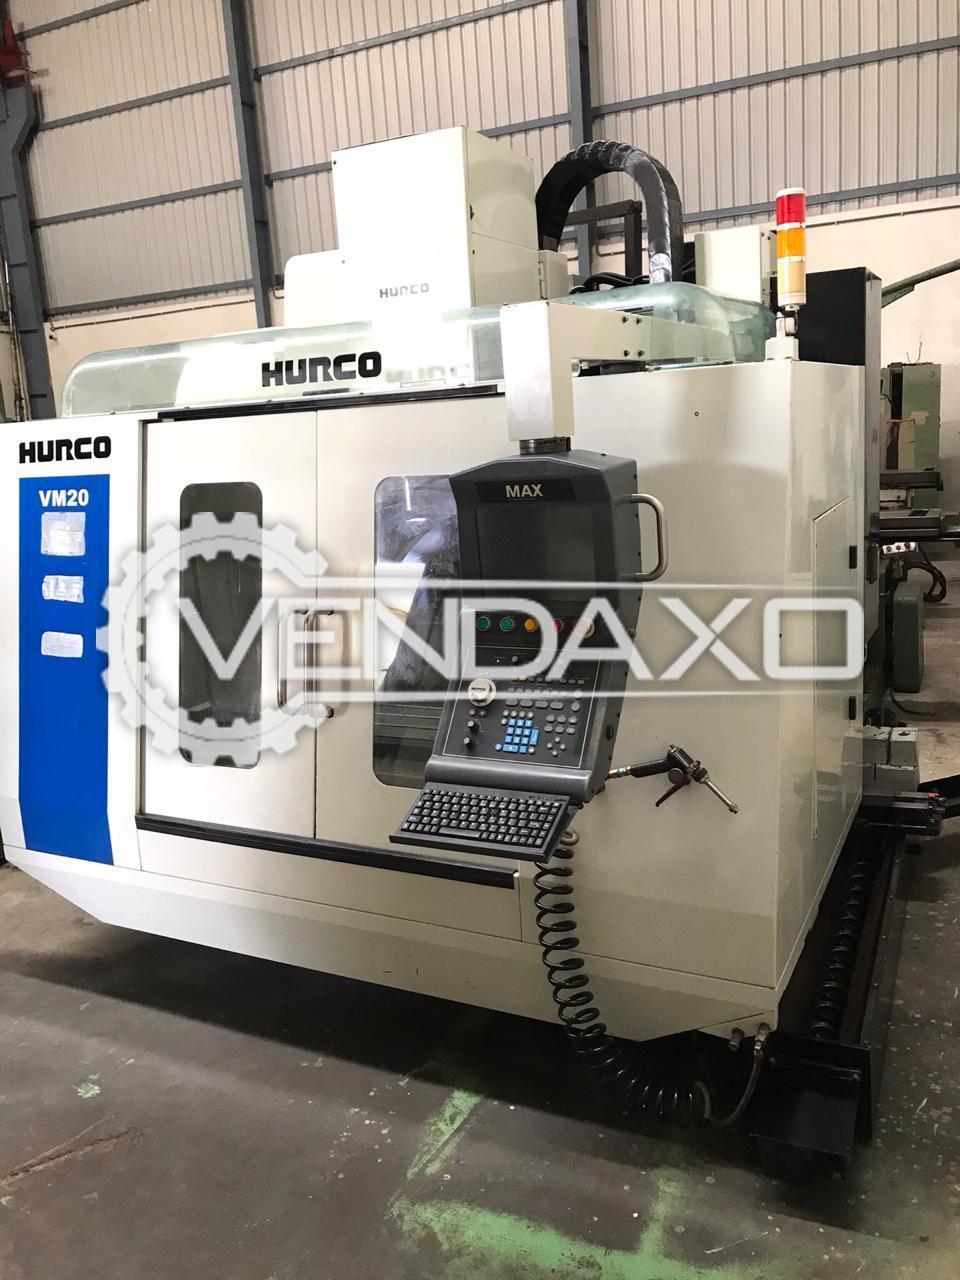 Hurco VM 20 CNC Vertical Machining Center VMC - Table Size - 1150 x 500 mm